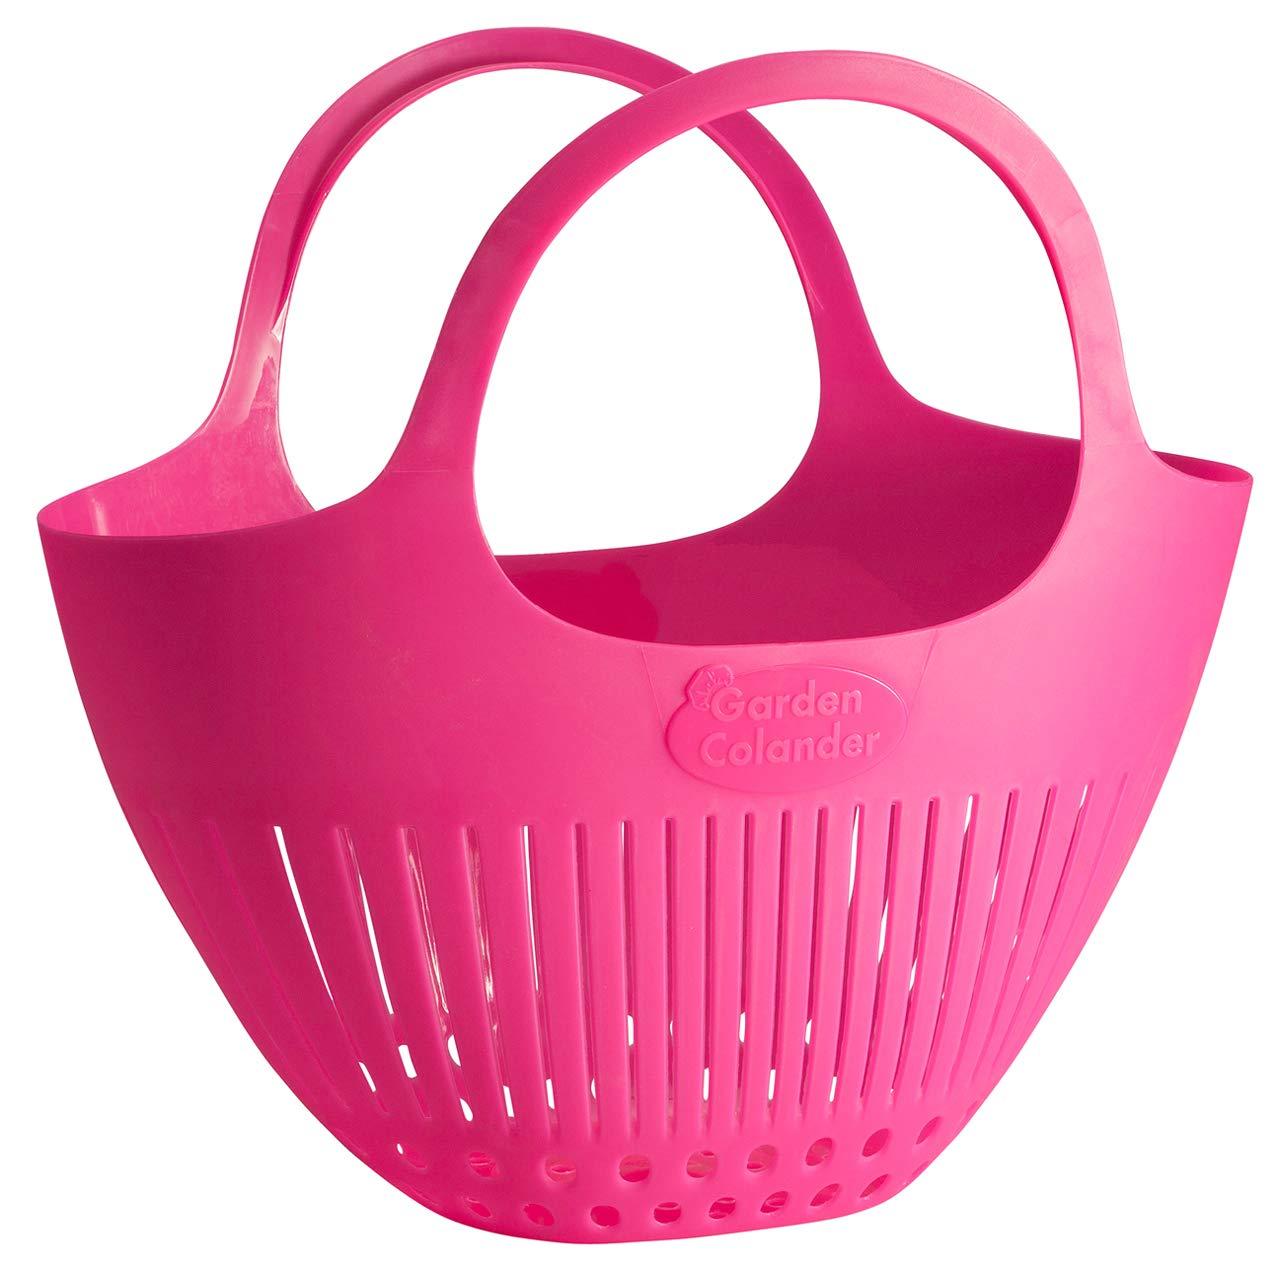 Hutzler Garden Colander, Pink